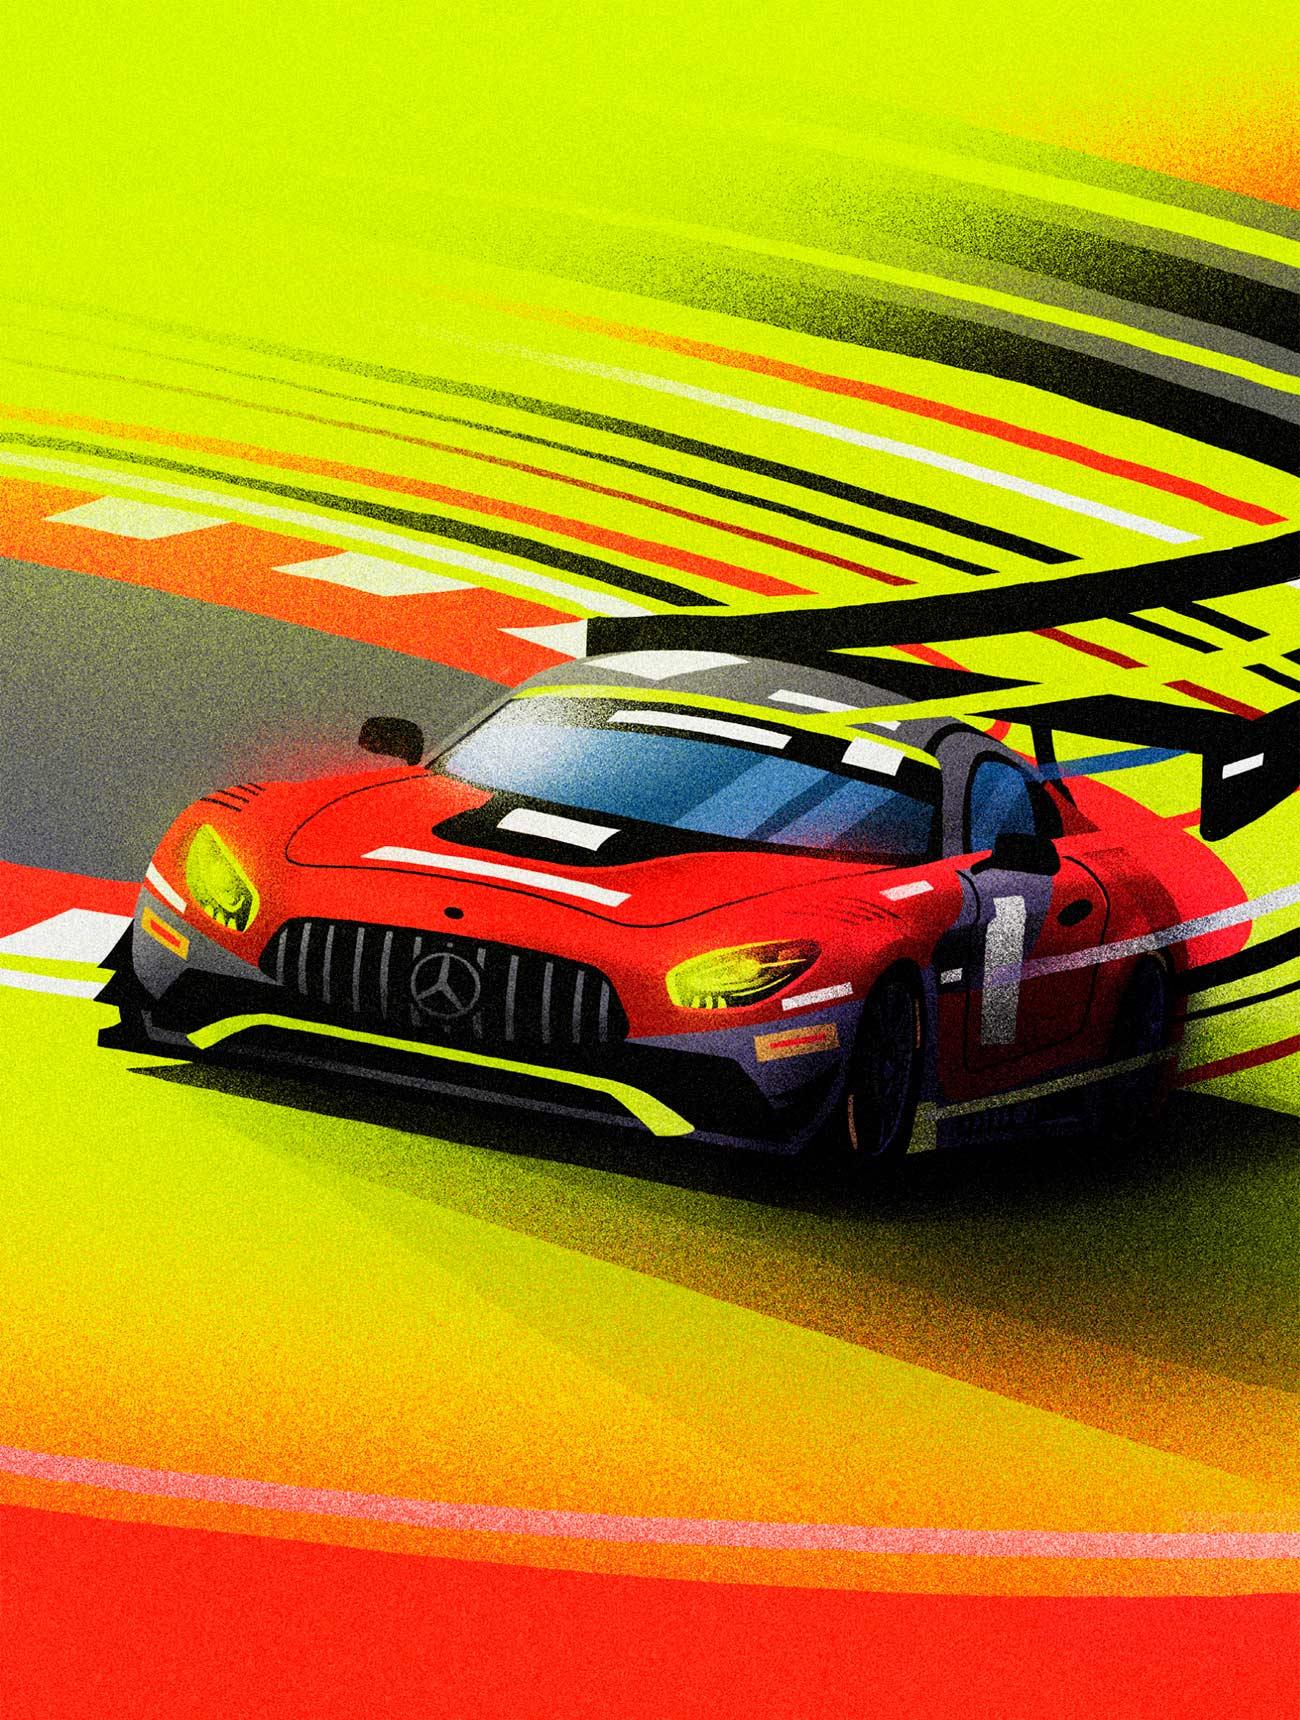 Illustration AMG GT3 by Sr.Reny